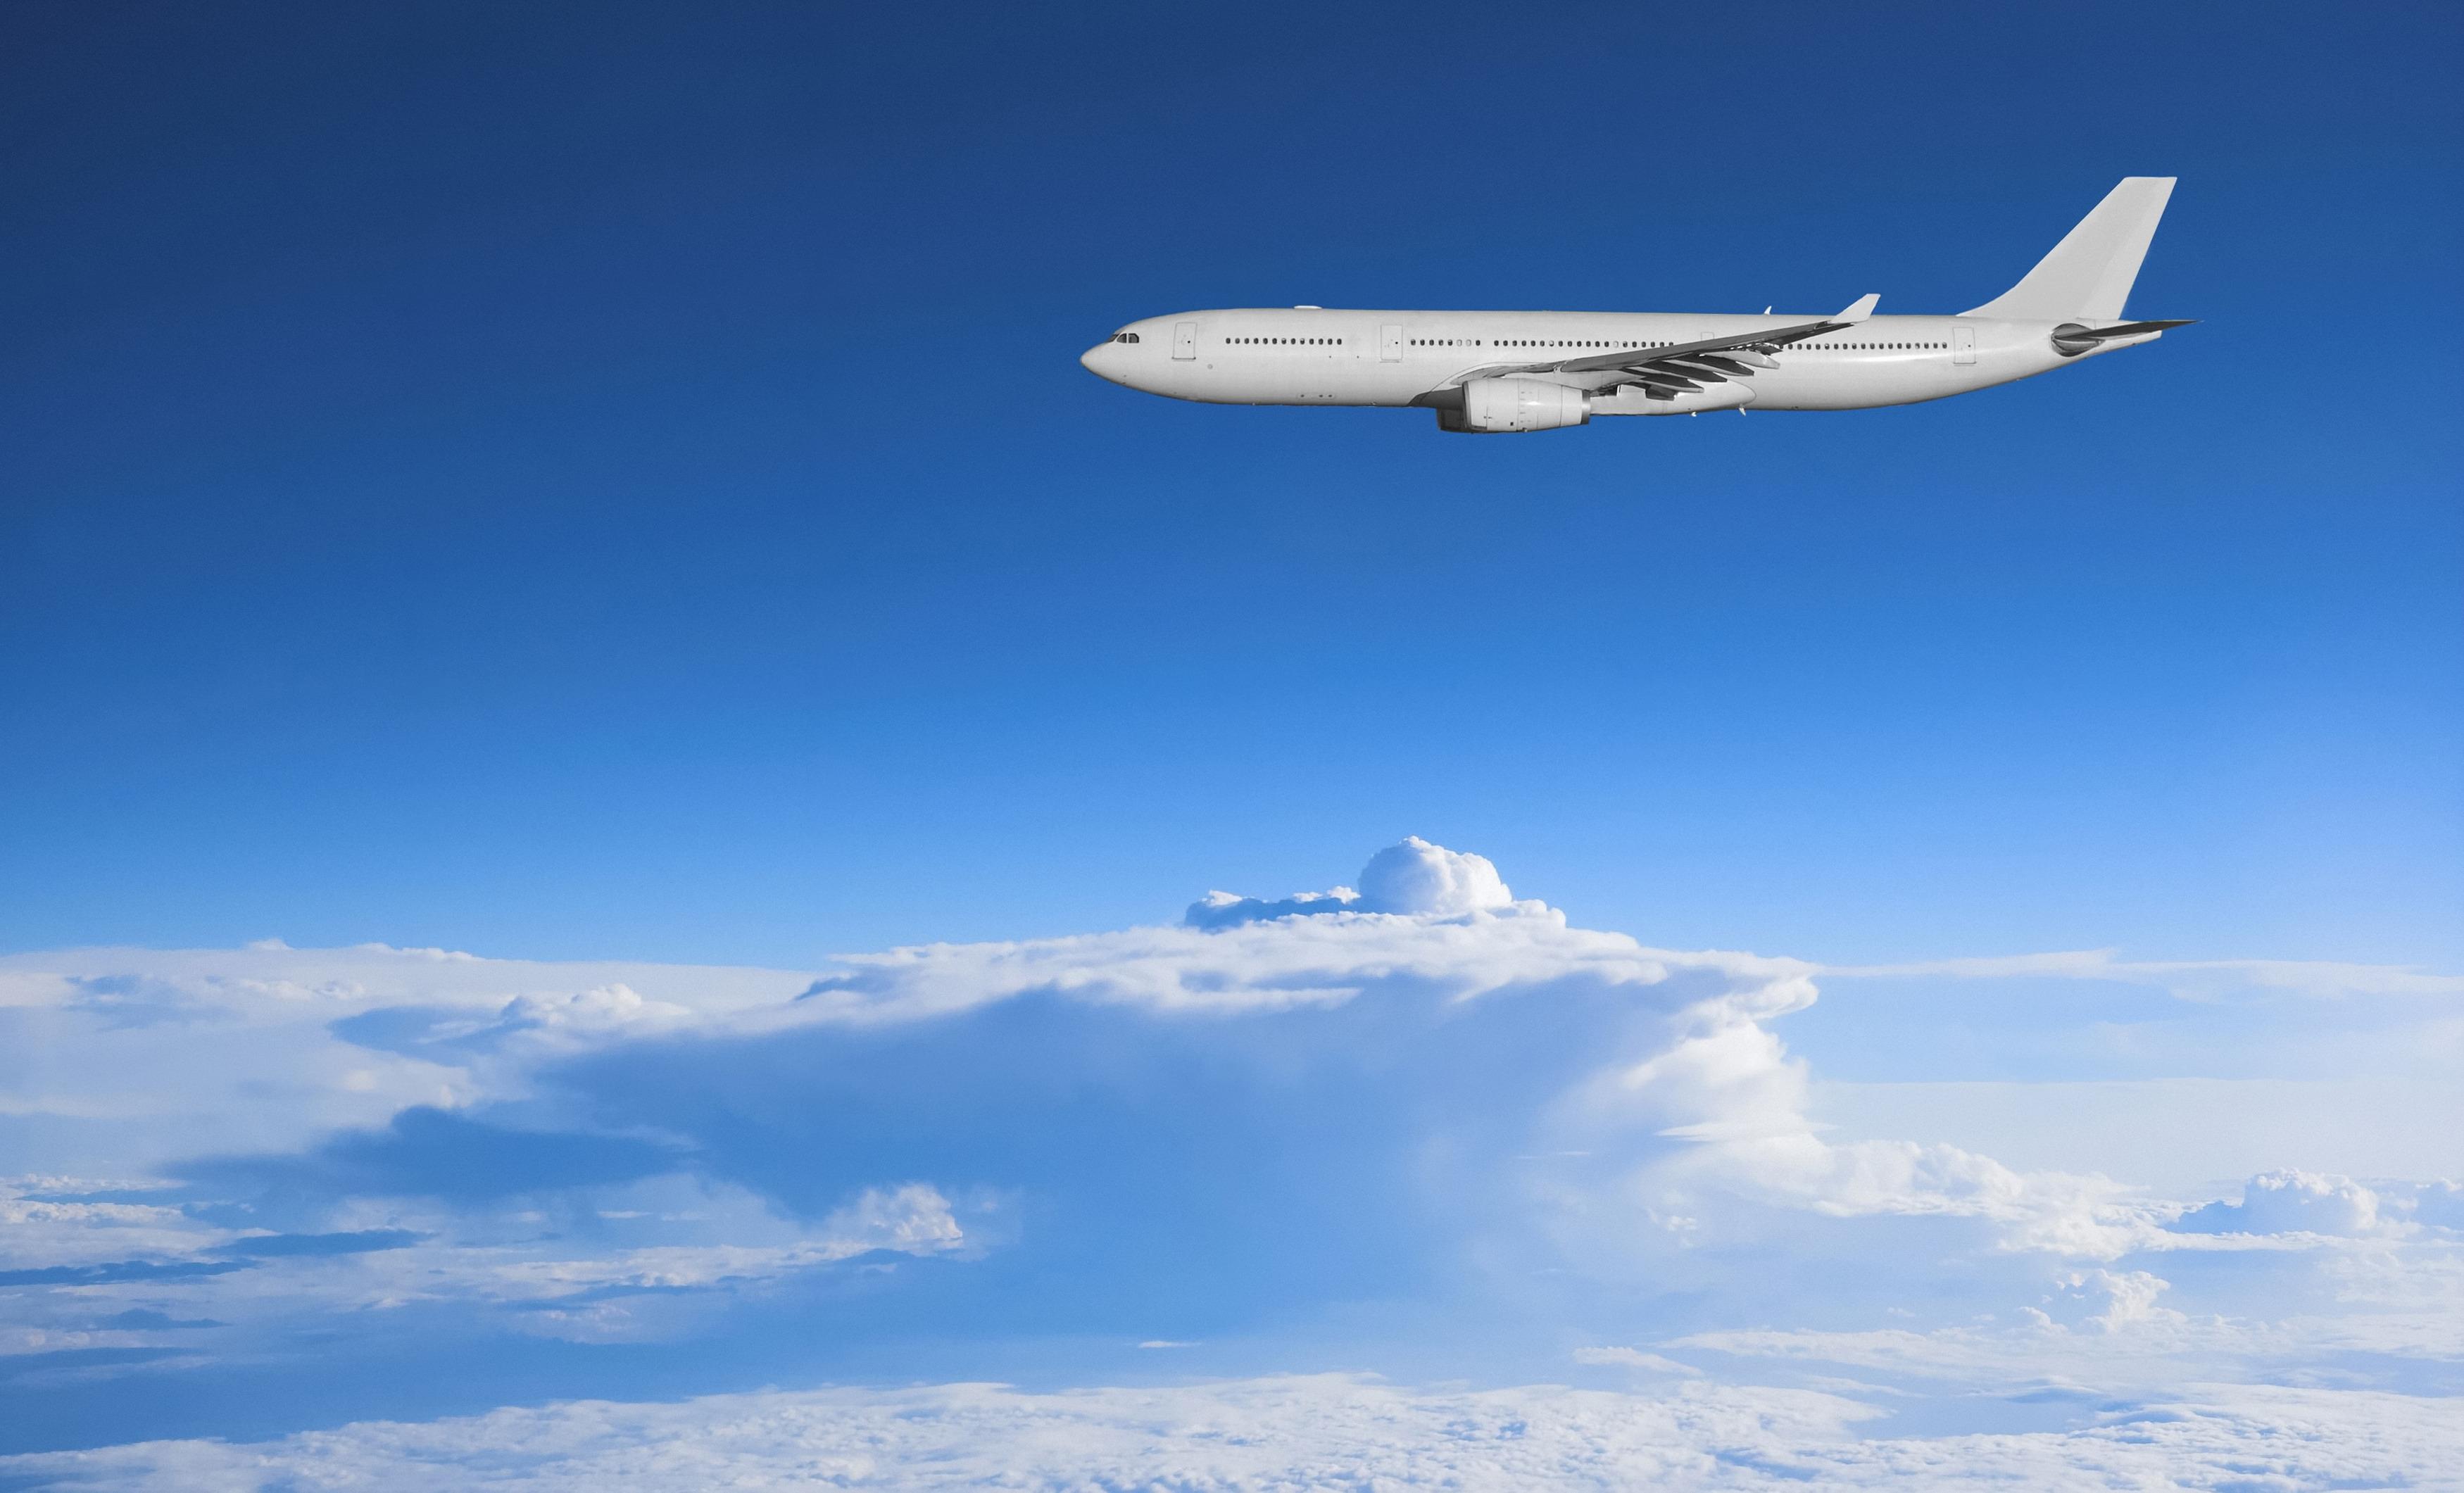 Авиалайнер в воздухе  № 2357454 загрузить